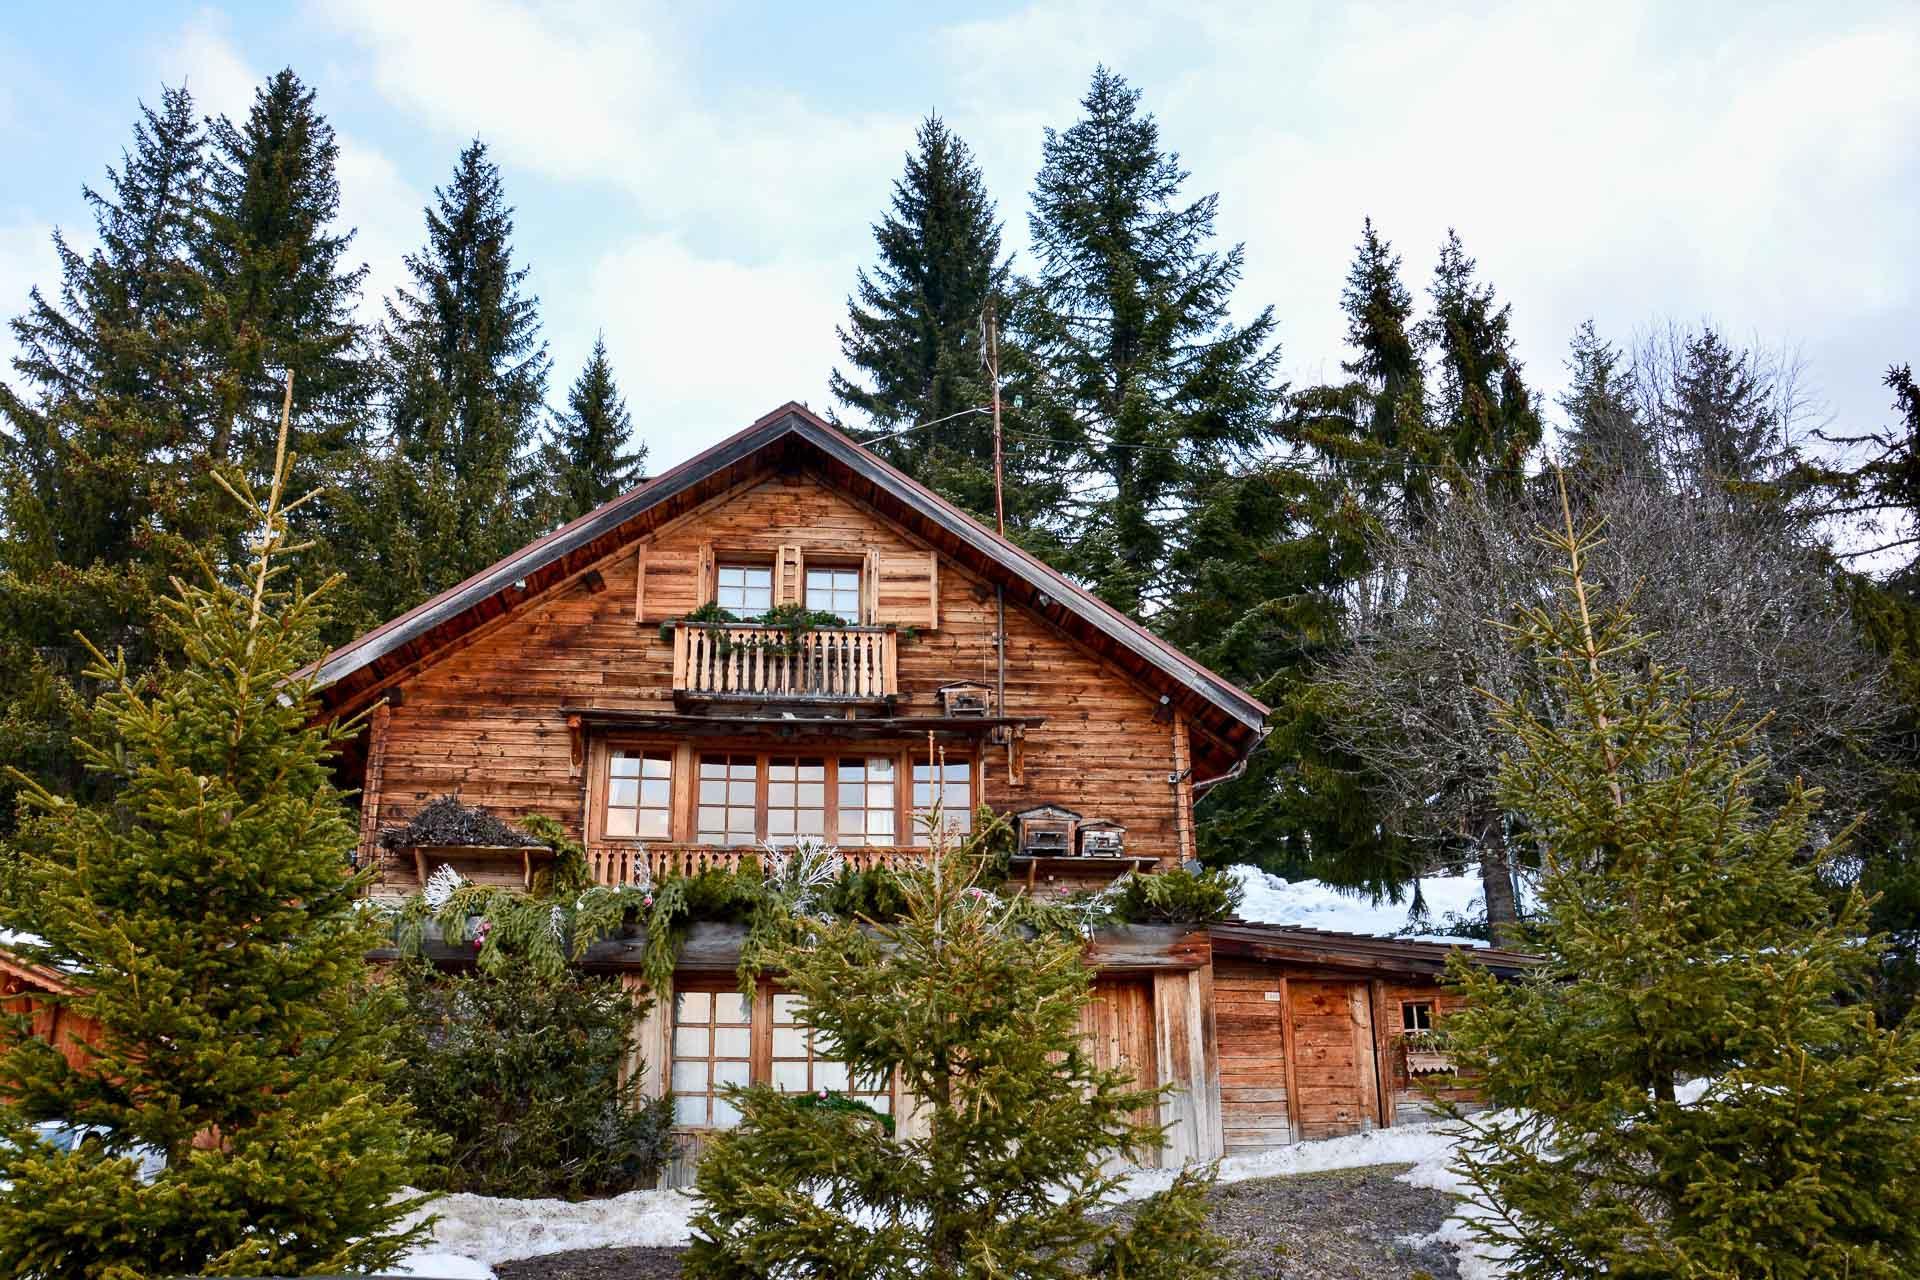 Perdu dans la nature, l'hôtel est bien l'héritage d'une vieille tradition familiale. © Emmanuel Laveran.